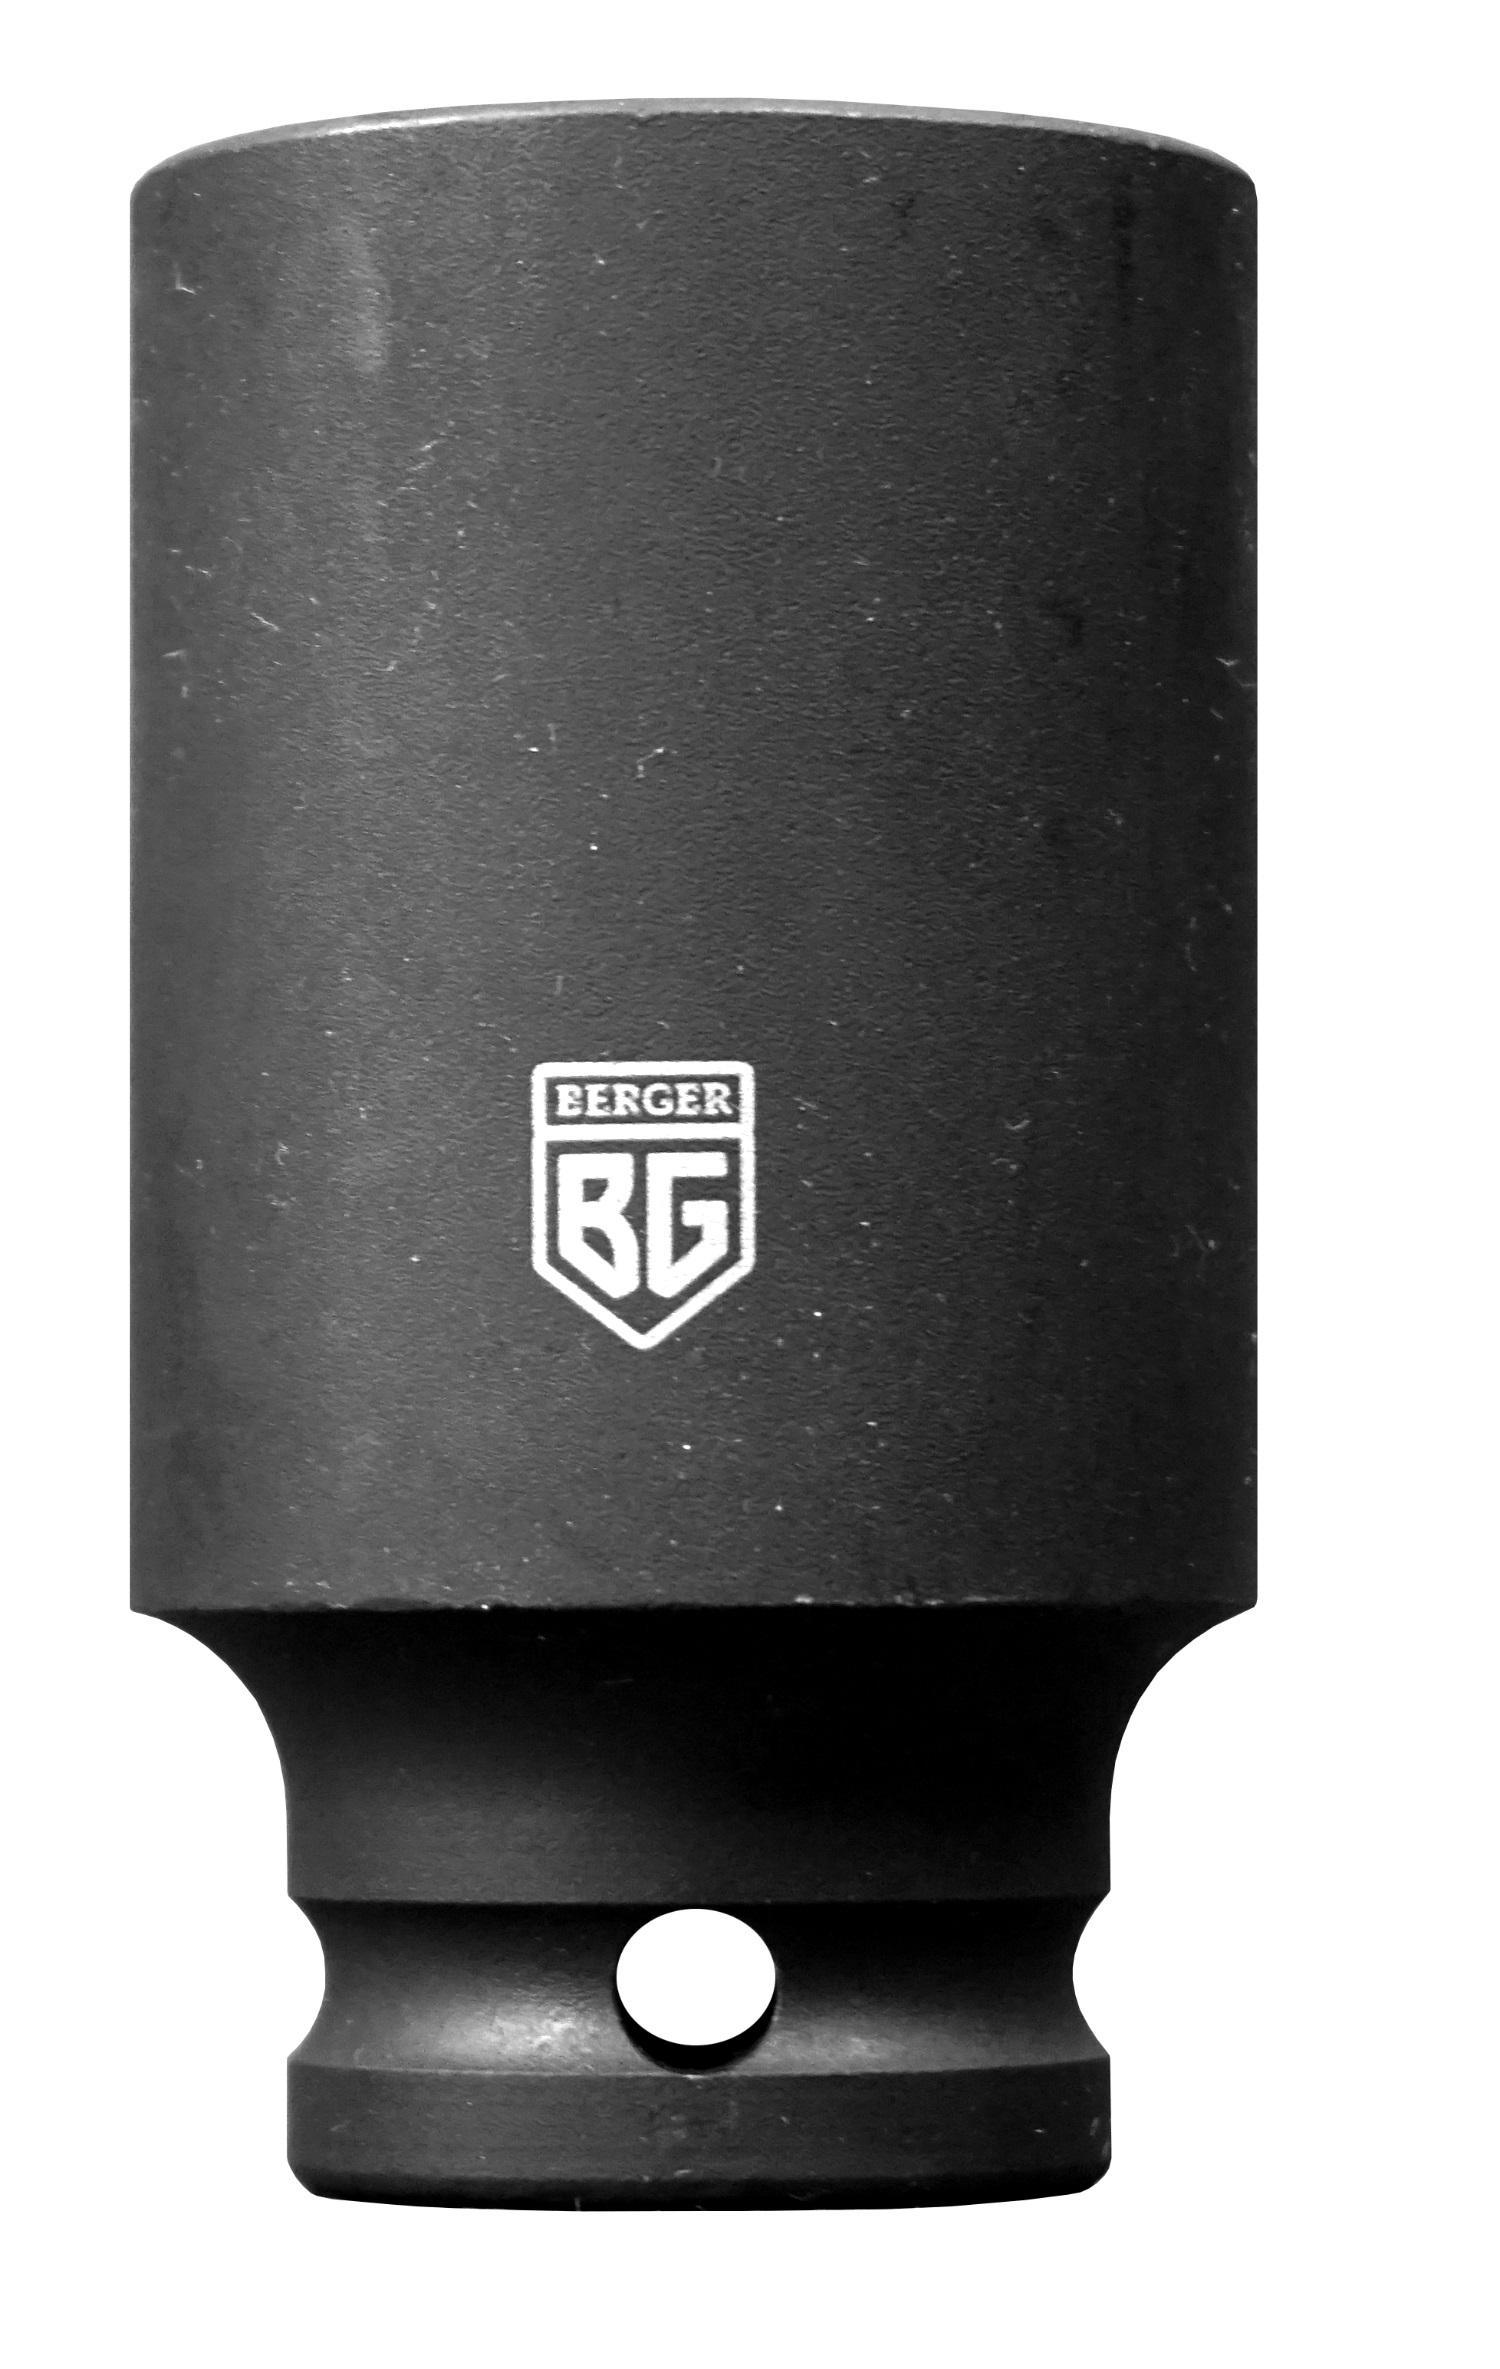 Купить Головка торцевая Berger Bg2140 1/2 18мм